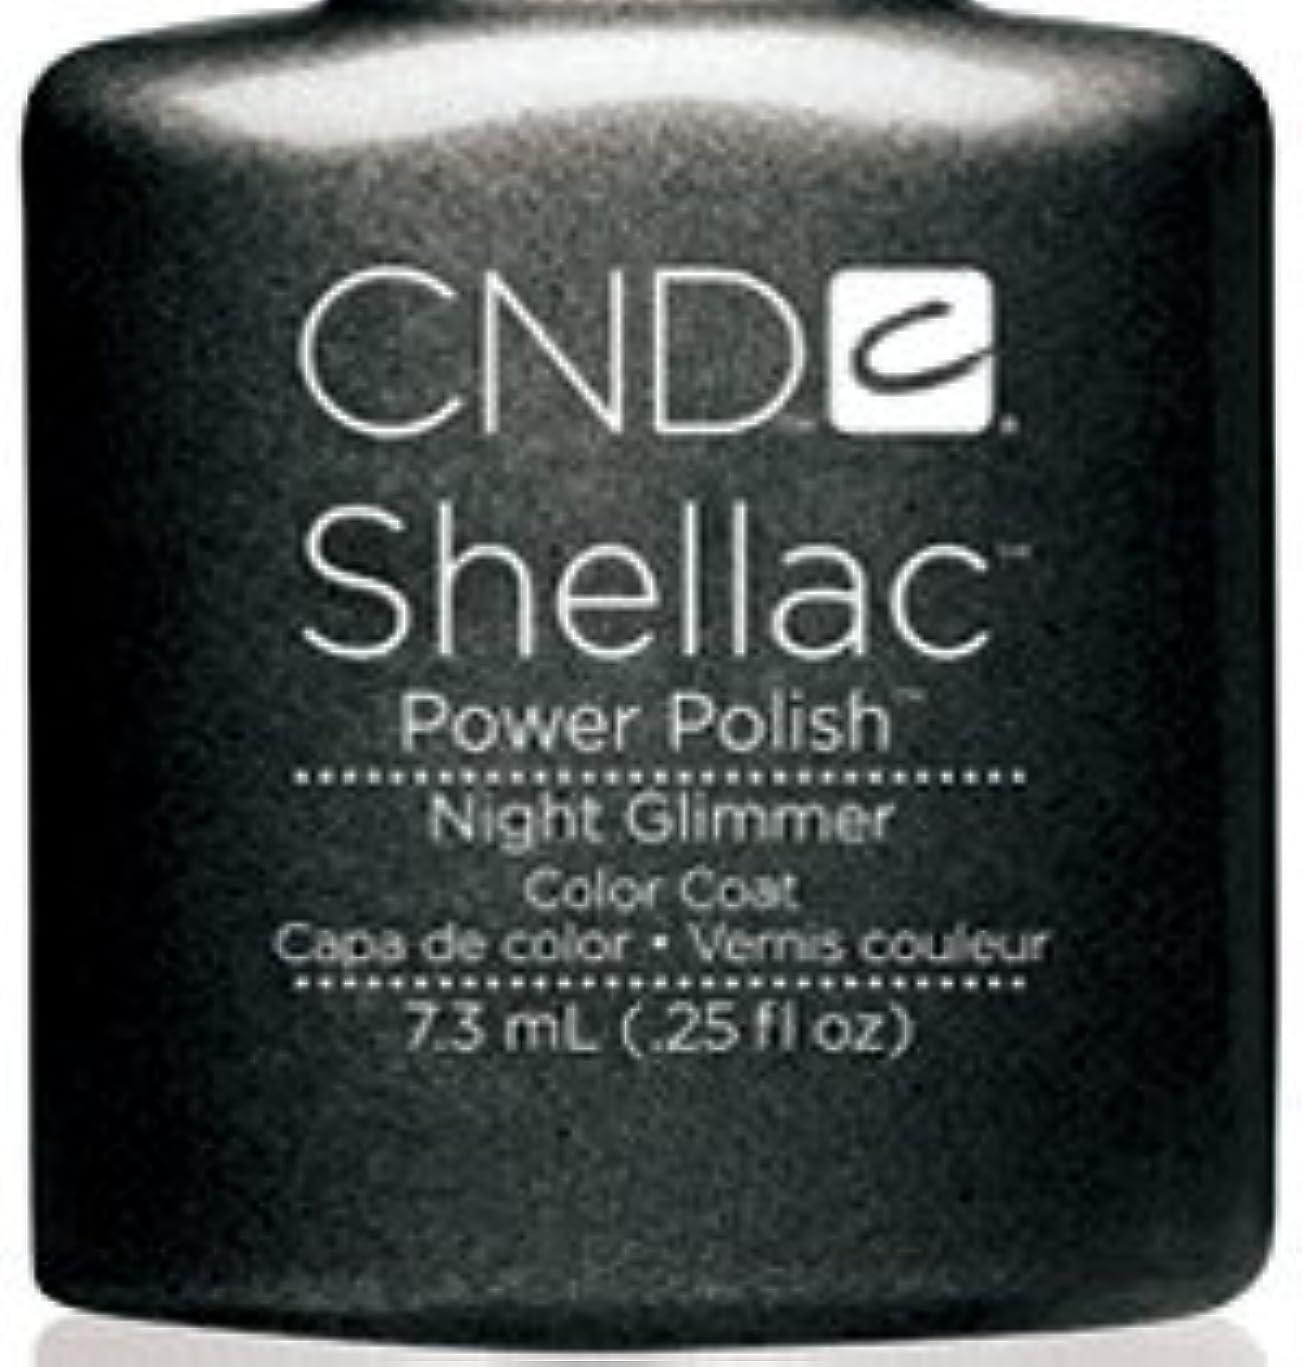 入植者持っている論争CND シェラック UVカラーコート 7.3ml<BR>381 ナイトグリマー